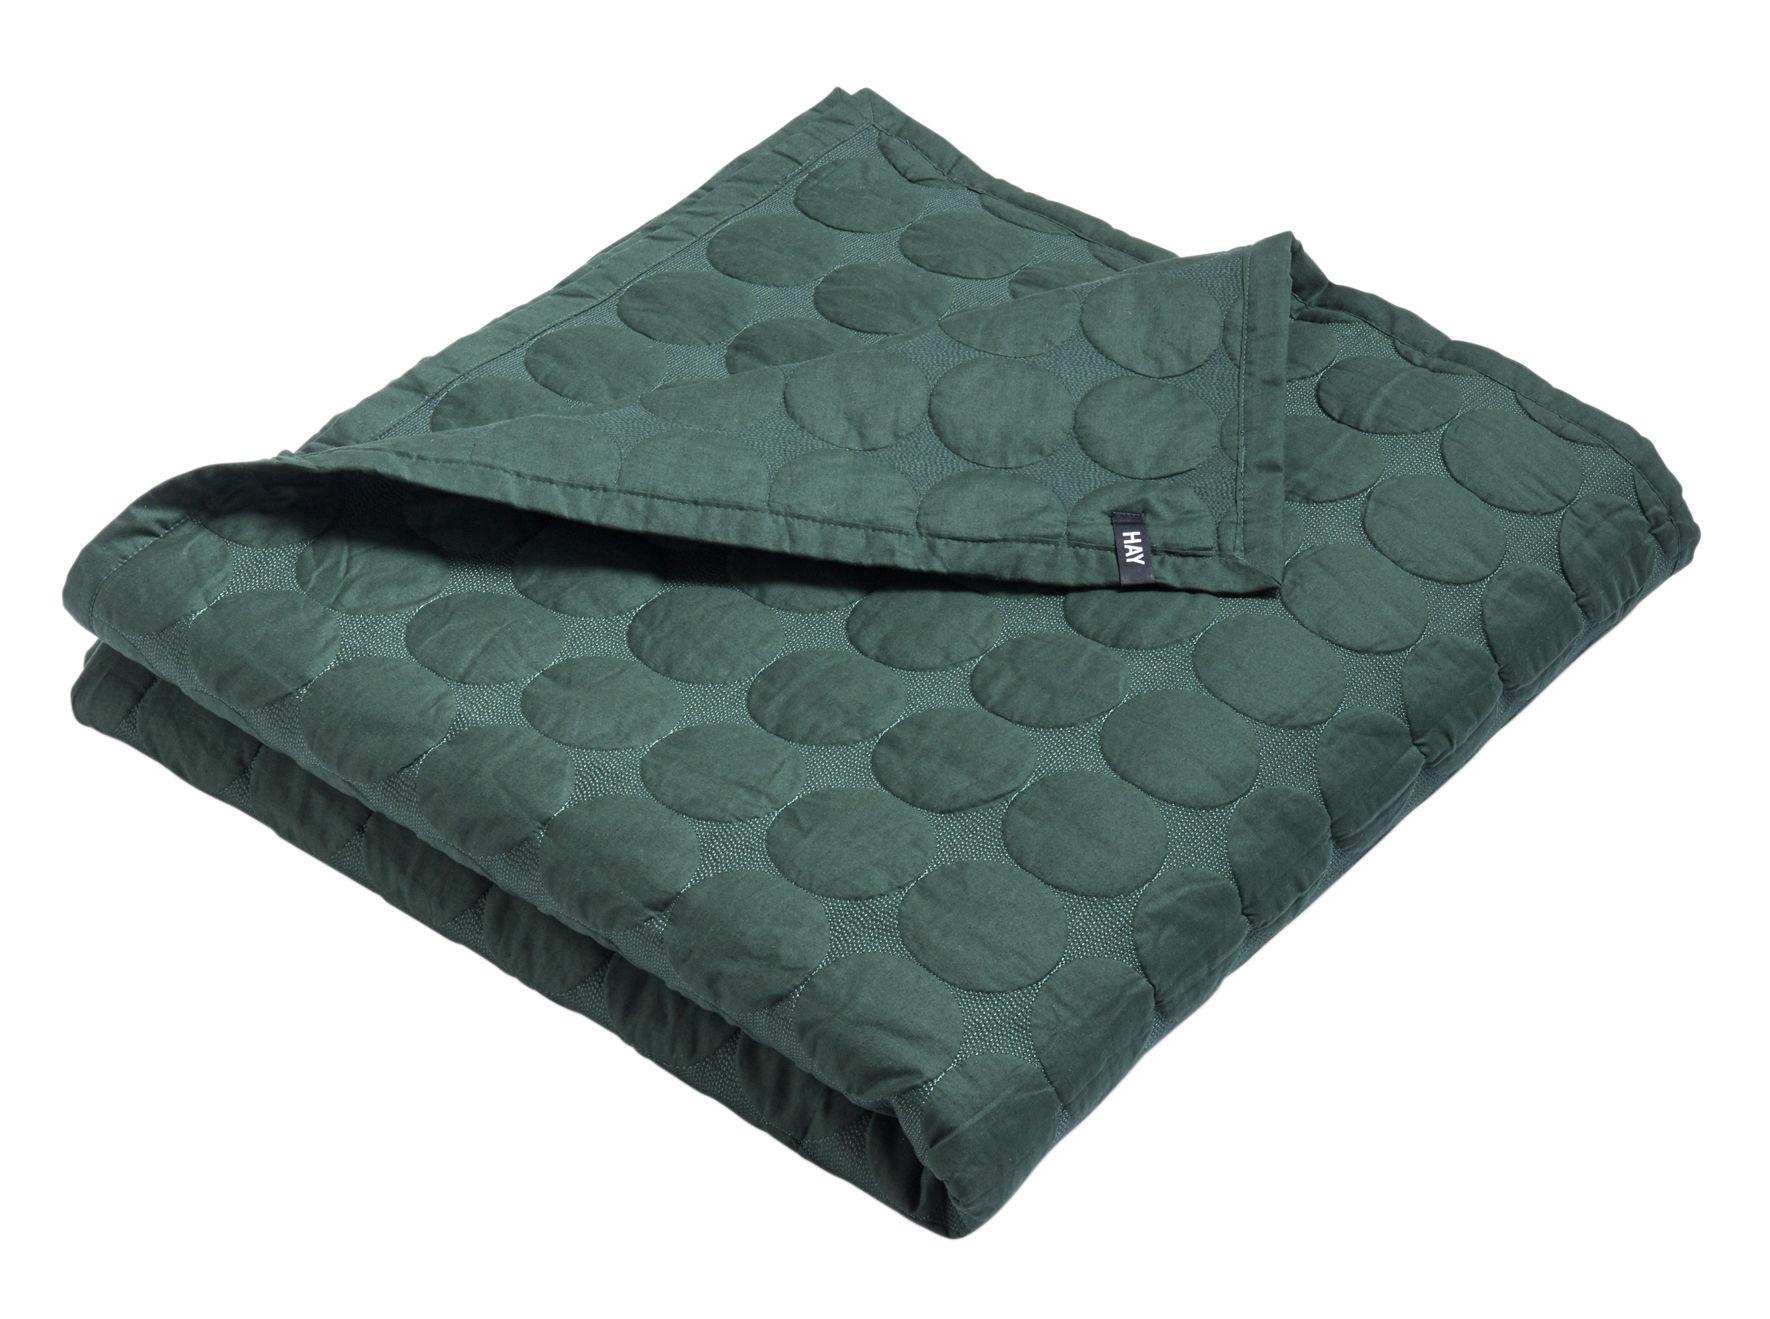 Déco - Textile - Plaid Mega Dot / 245 x 195 cm - Matelassé - Hay - Vert foncé - Coton, Polyester